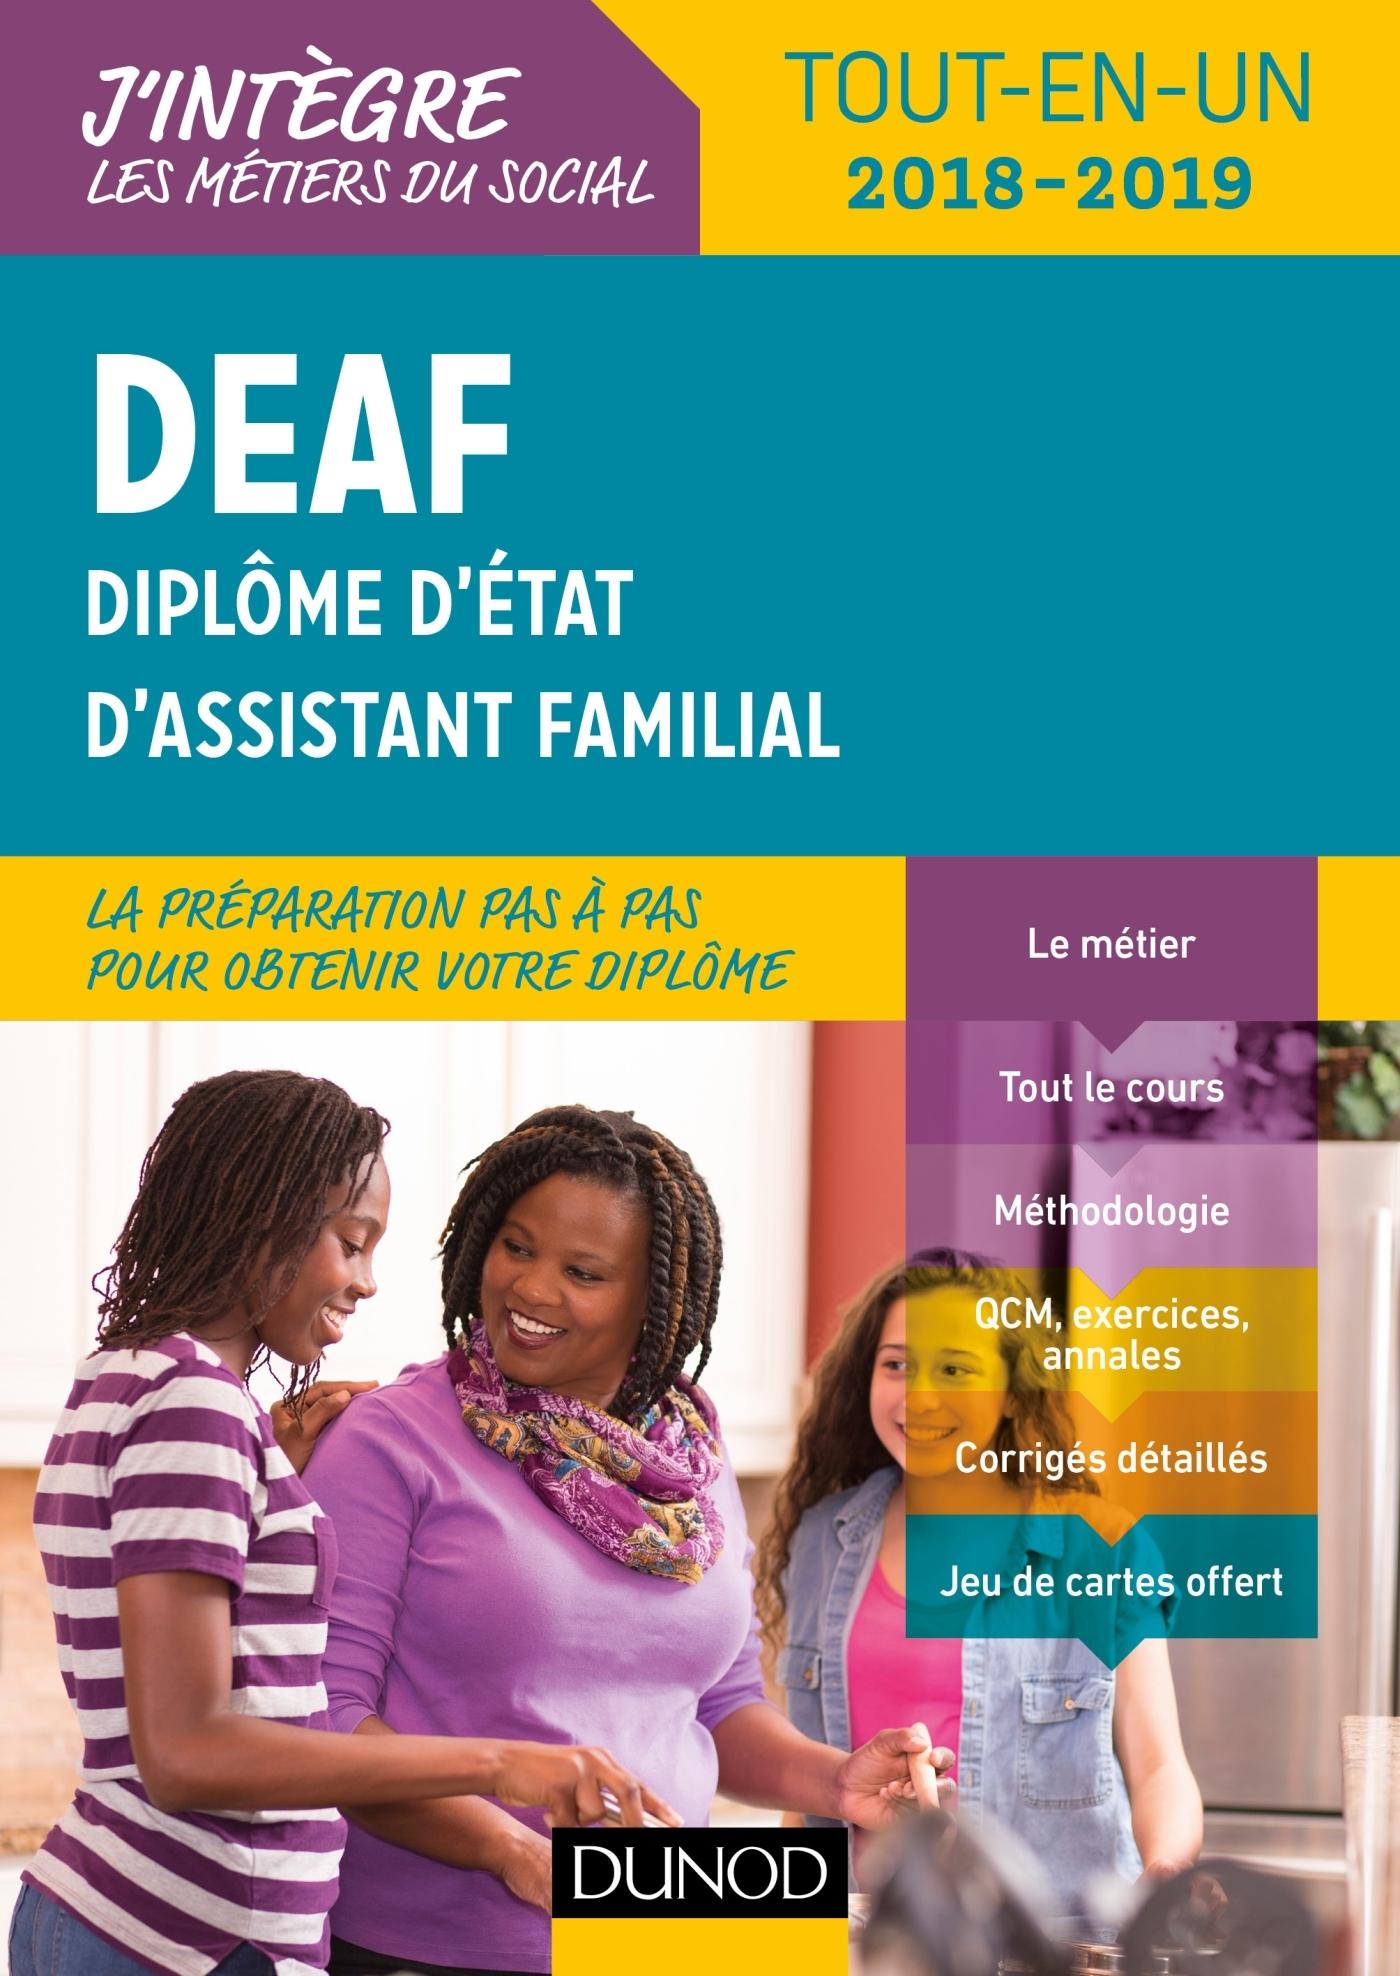 DEAF - TOUT-EN-UN 2018-2019 - DIPLOME D'ETAT D'ASSISTANT FAMILIAL